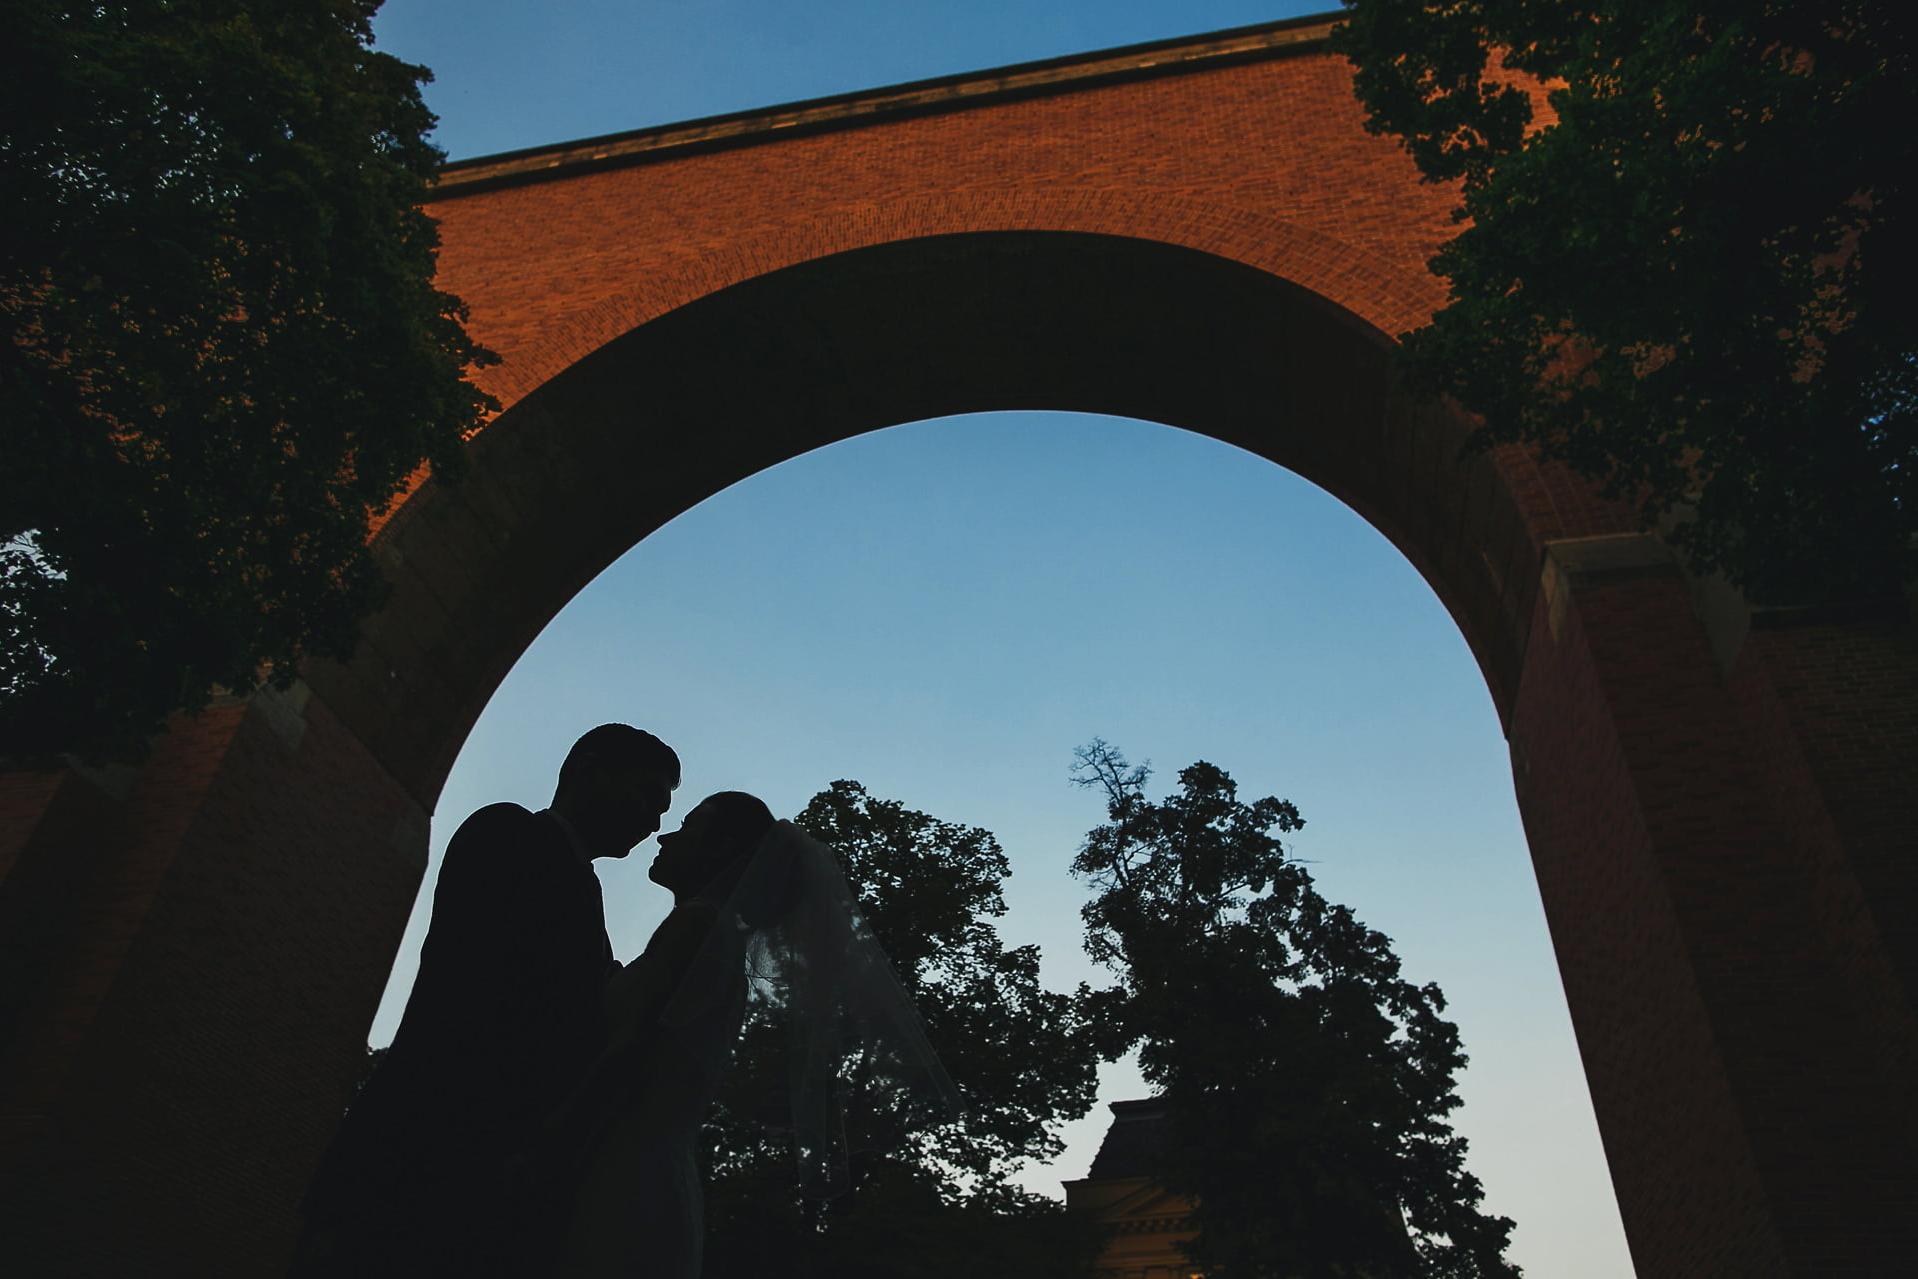 kursalon modling wedding photography in vienna austria